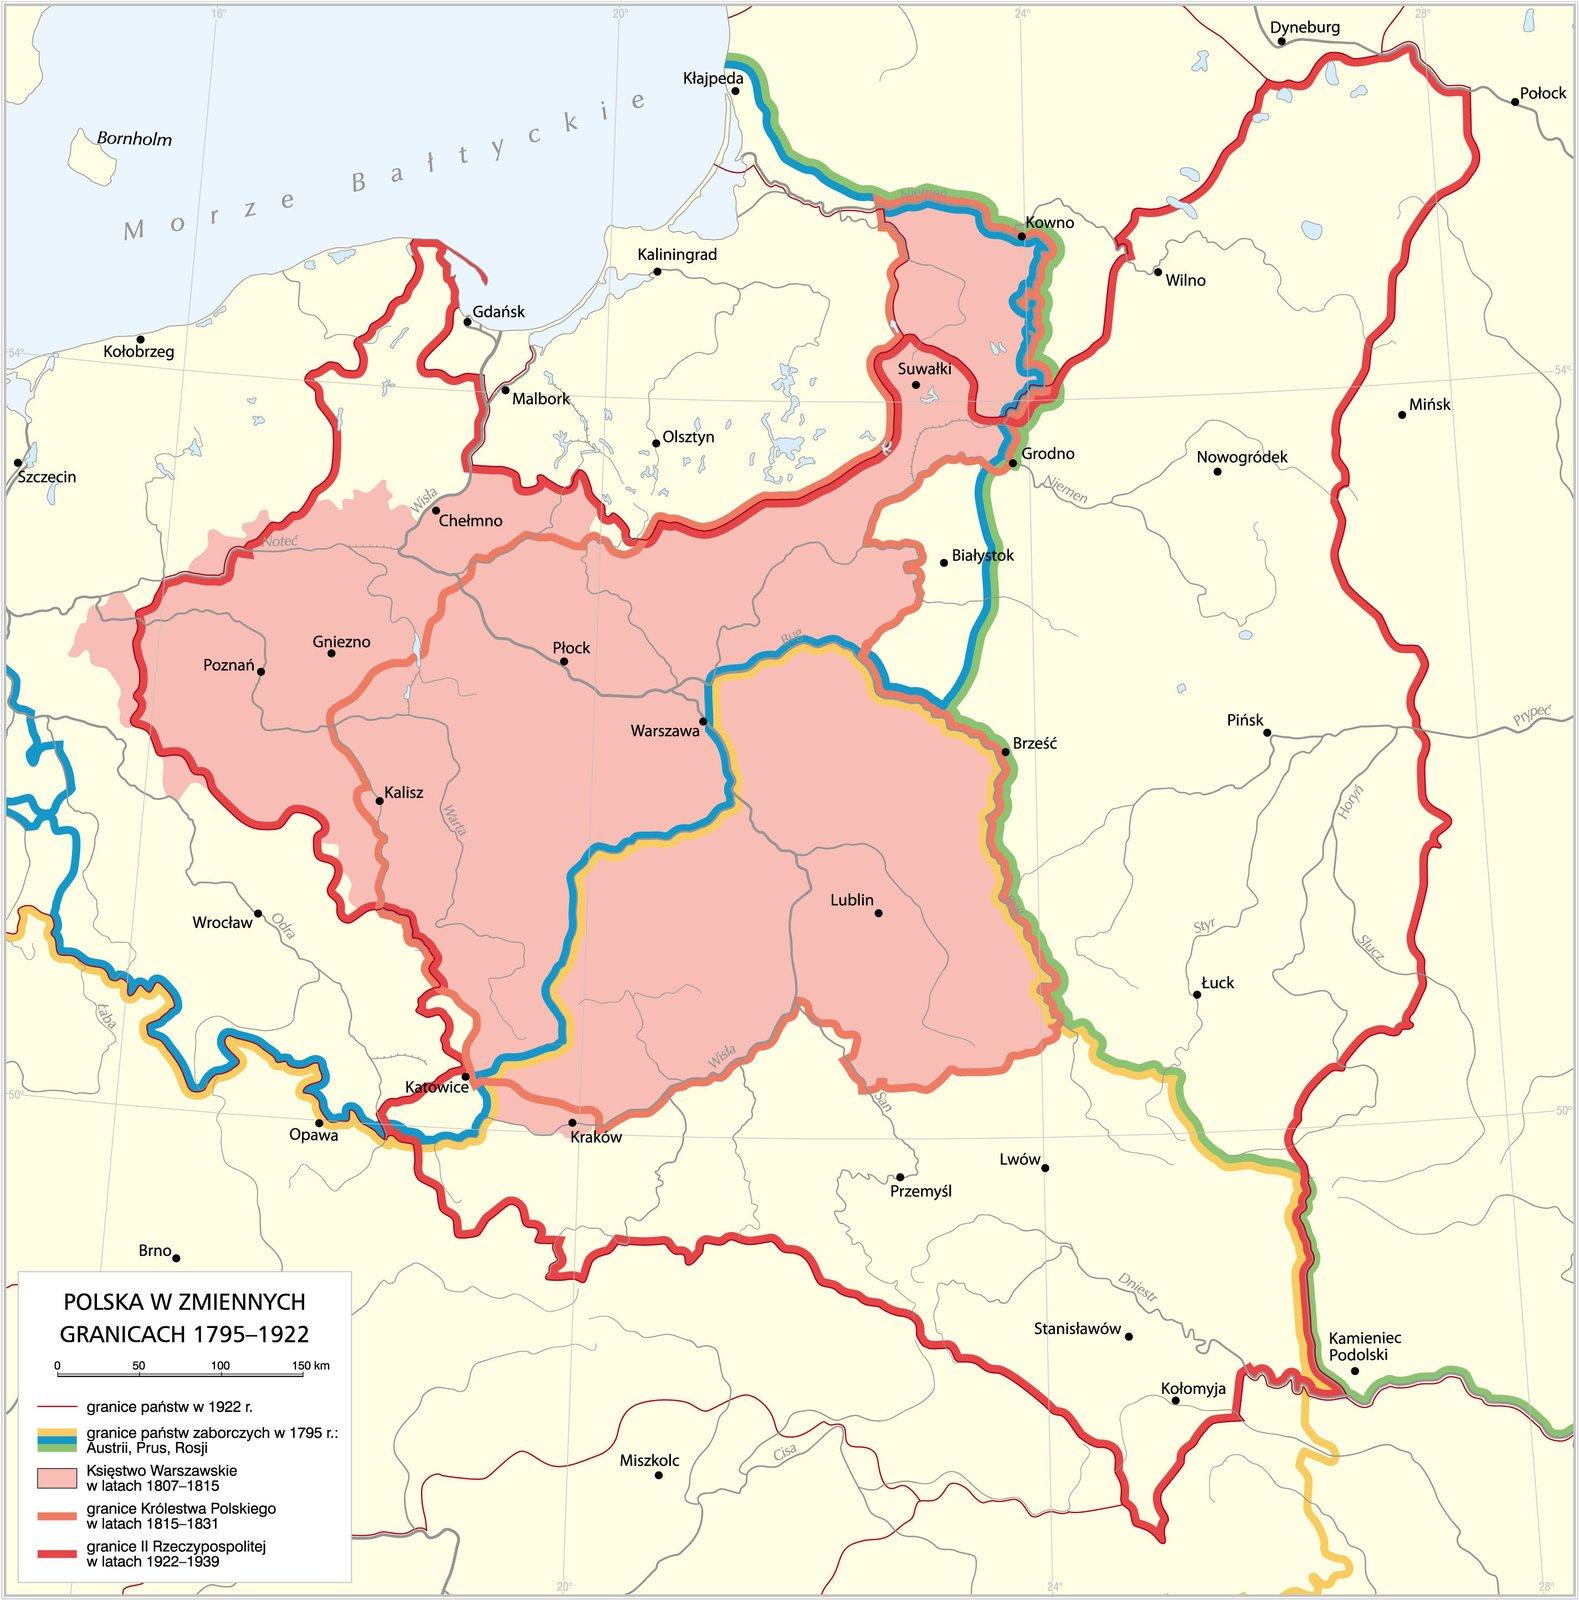 Granice Polski 1795–1922 Granice Polski 1795–1922 Źródło: Krystian Chariza izespół, licencja: CC BY 3.0.